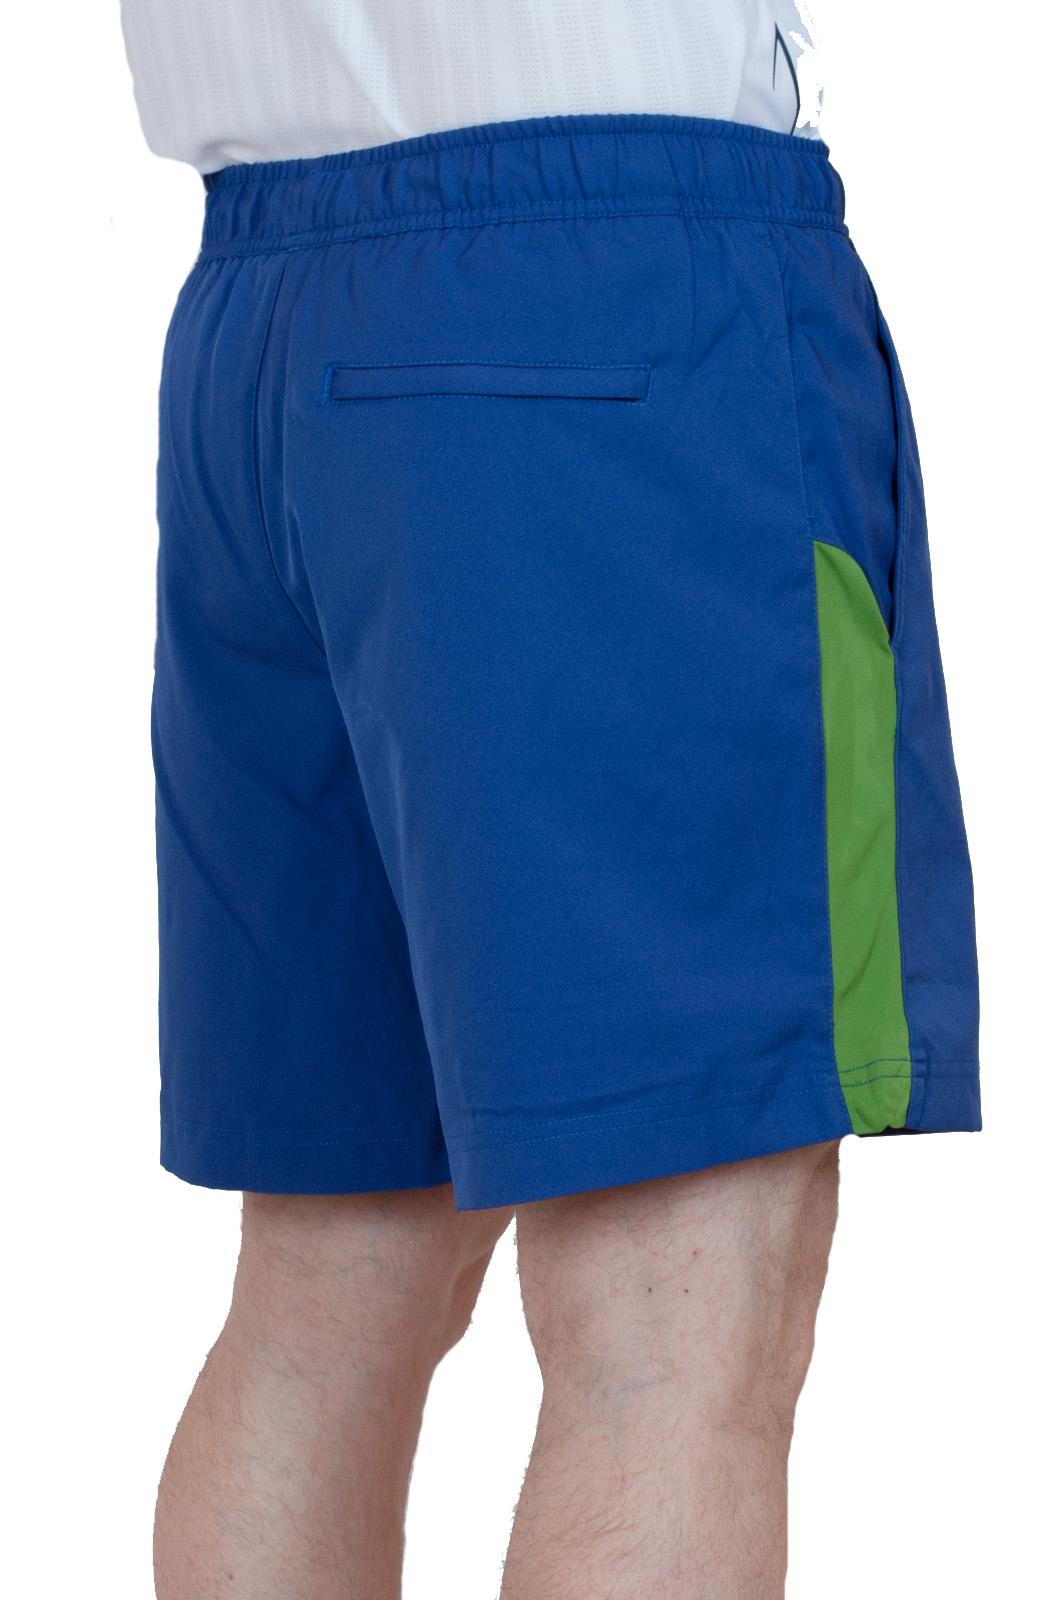 Теннисные шорты для мужчин- вид сзади